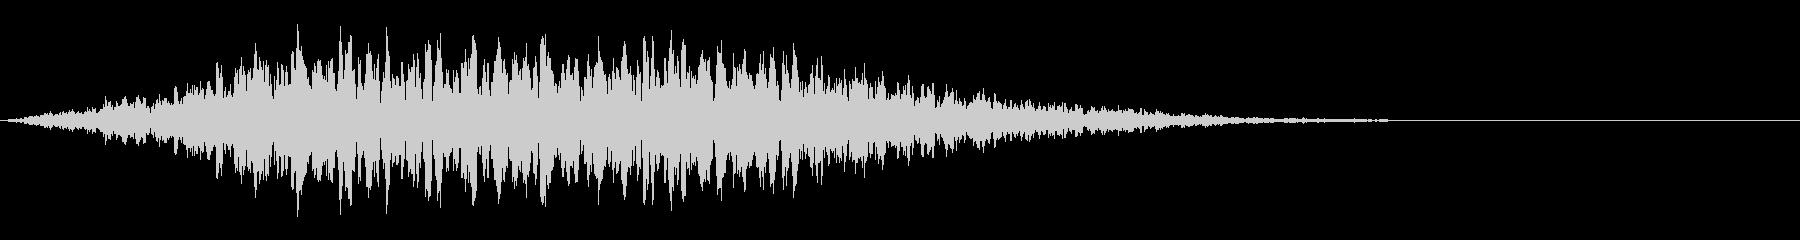 タイトルバック ホラー 9の未再生の波形